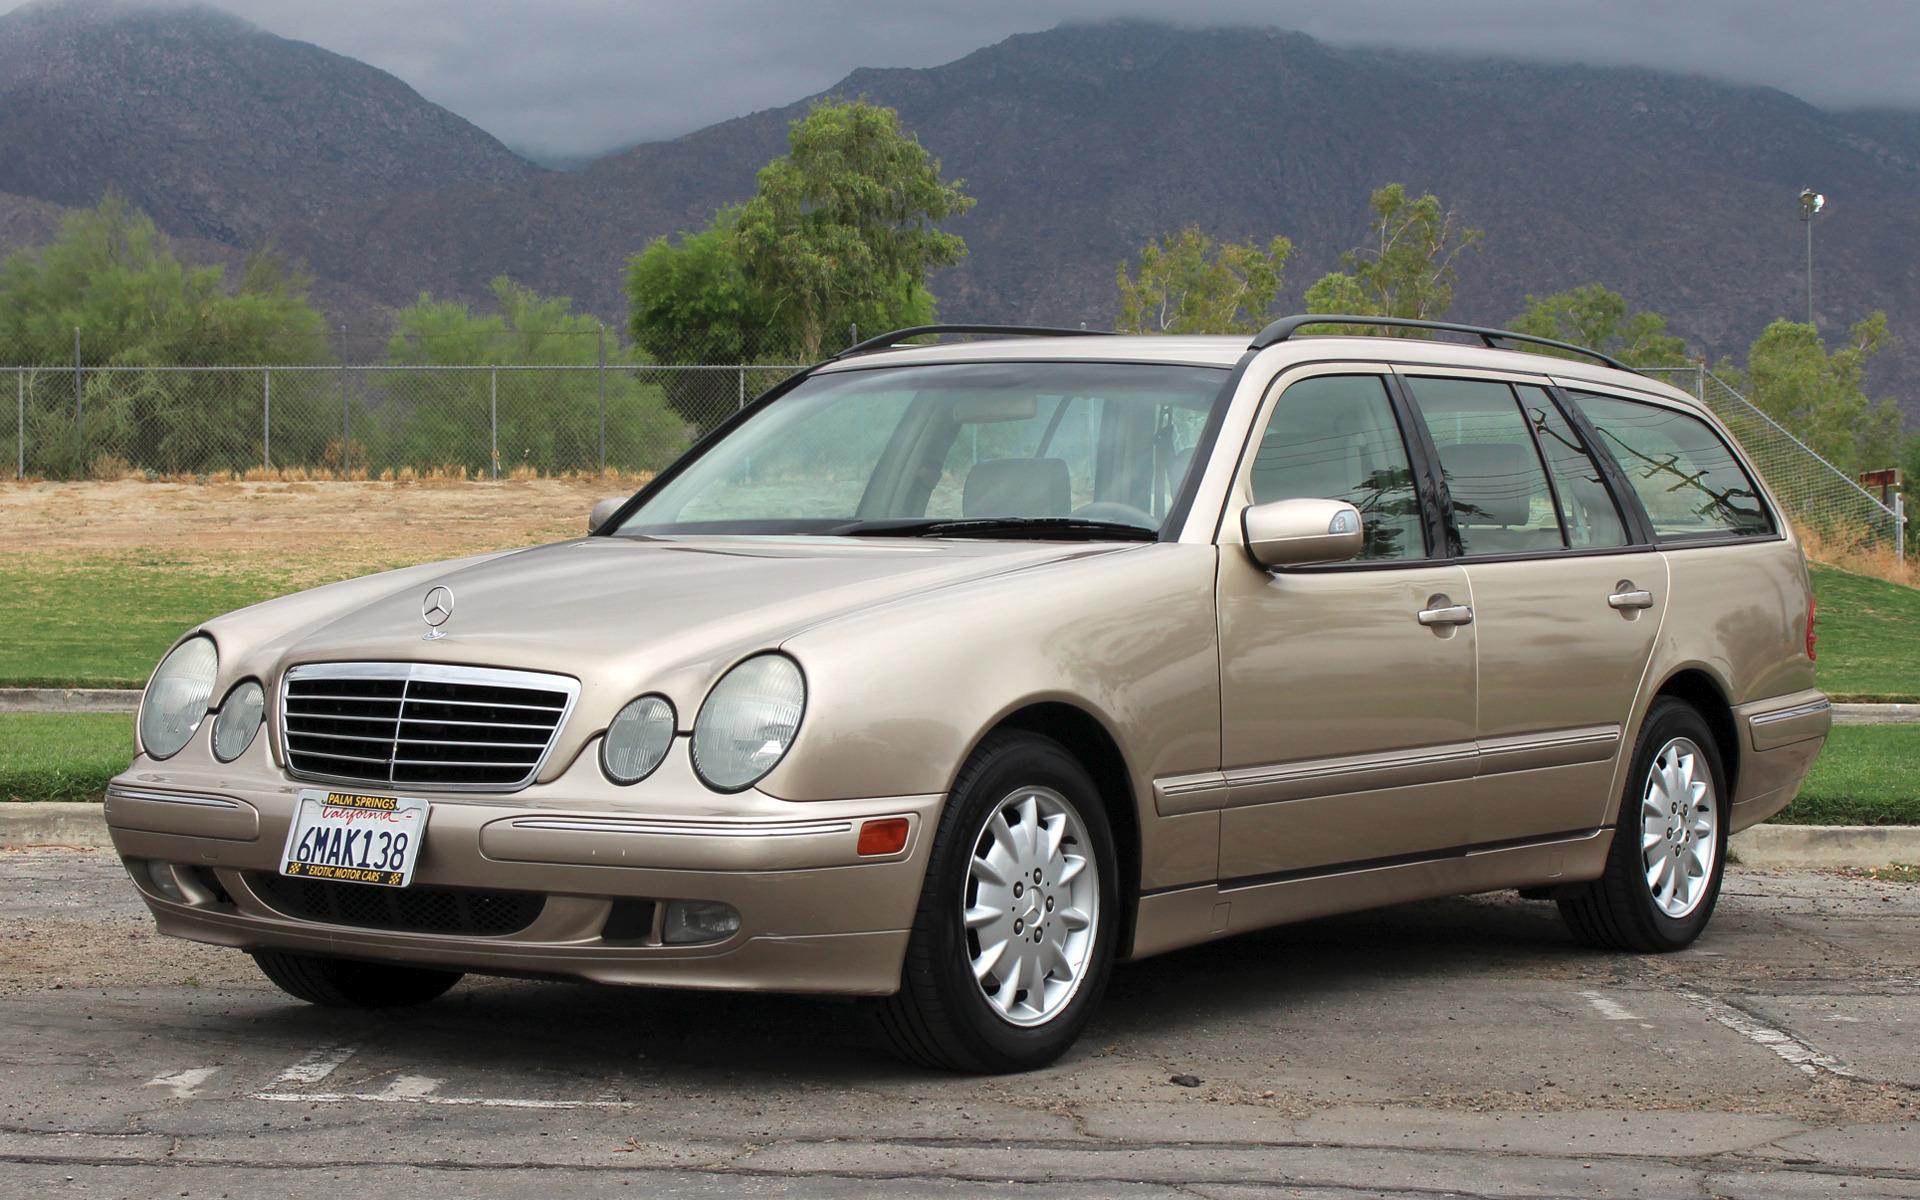 2000 mercedes benz e class e 320 stock m886 for sale for Mercedes benz 2000 e320